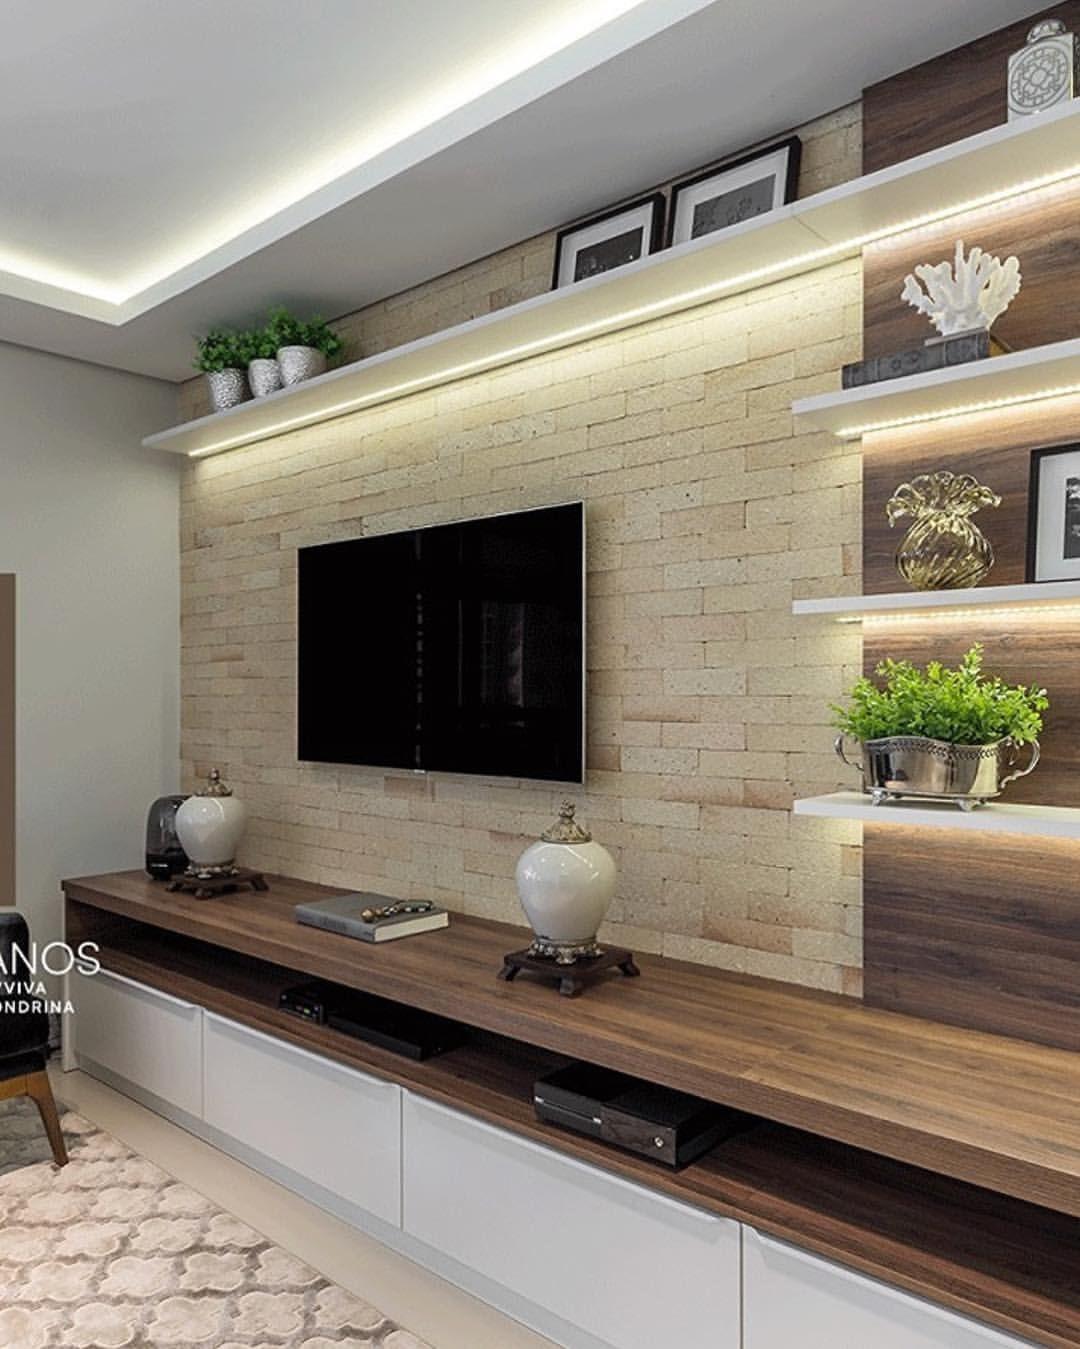 Dekoration Für Das Design Auf Instagram Mit Einem Tv Raum Wi Modern Contemporary Living Room Contemporary Modern Living Room Design Living Room Design Modern